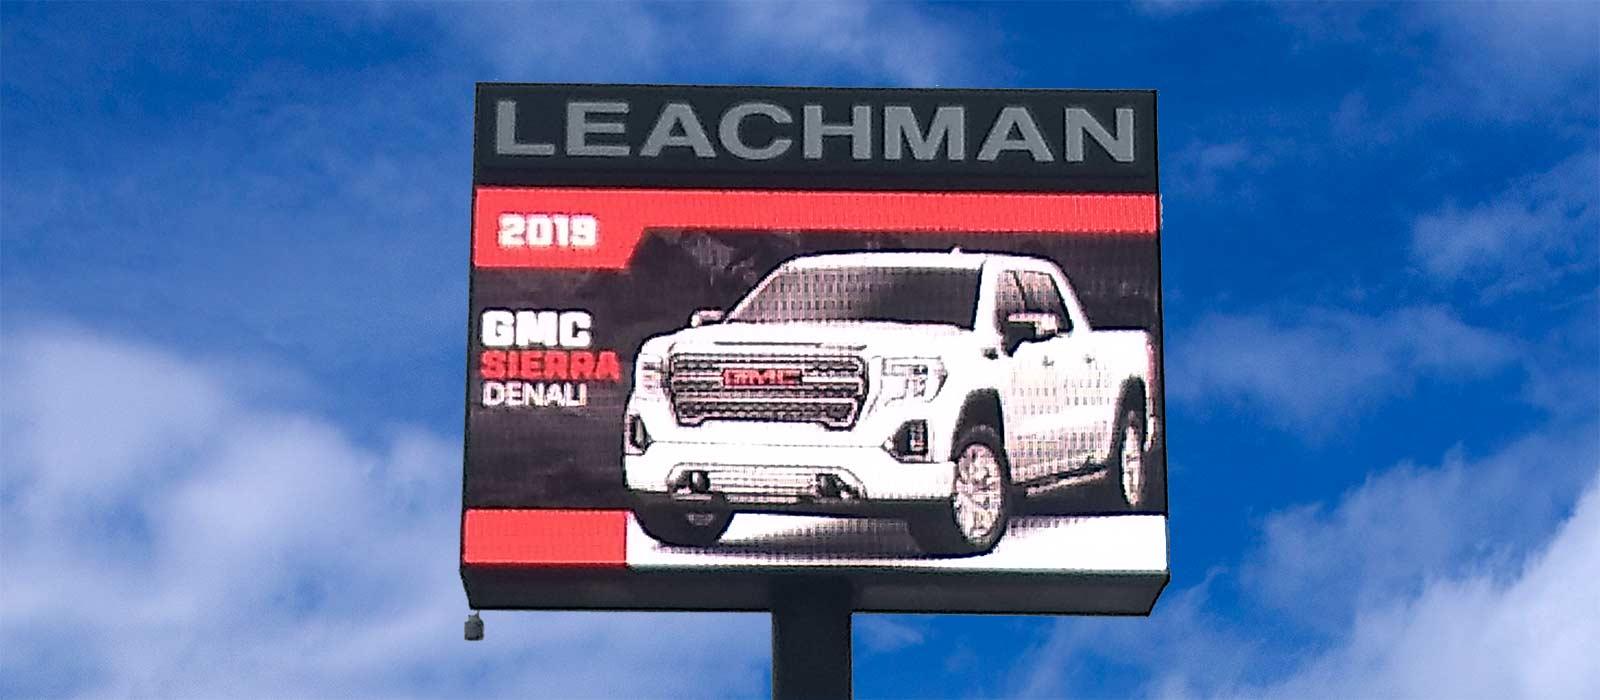 Leachman LED Signage